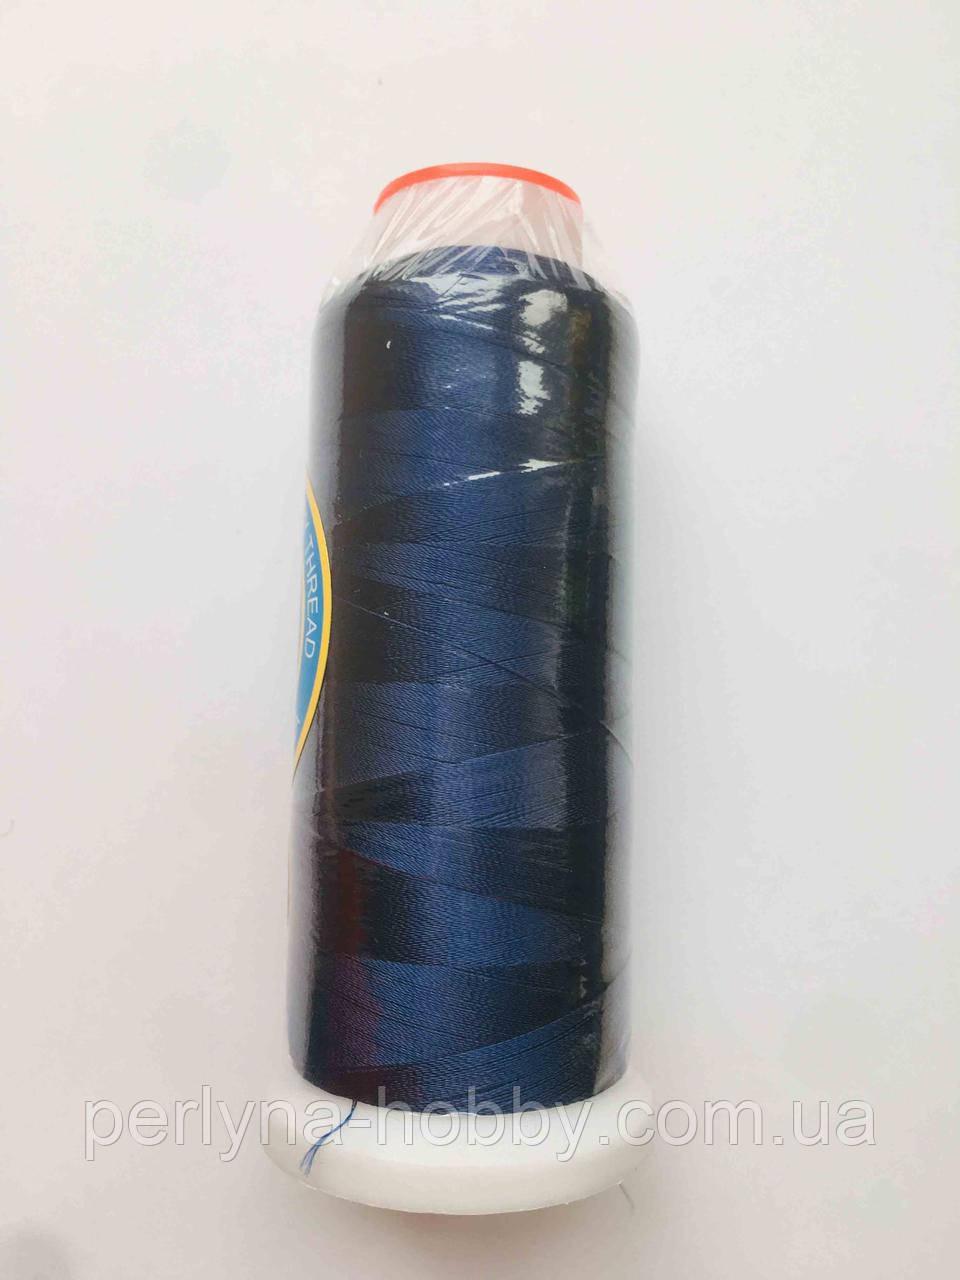 Нитки для машинної вишивки 100% віскоза (100% rayon) 3000 метрів, № 500, темно-синій